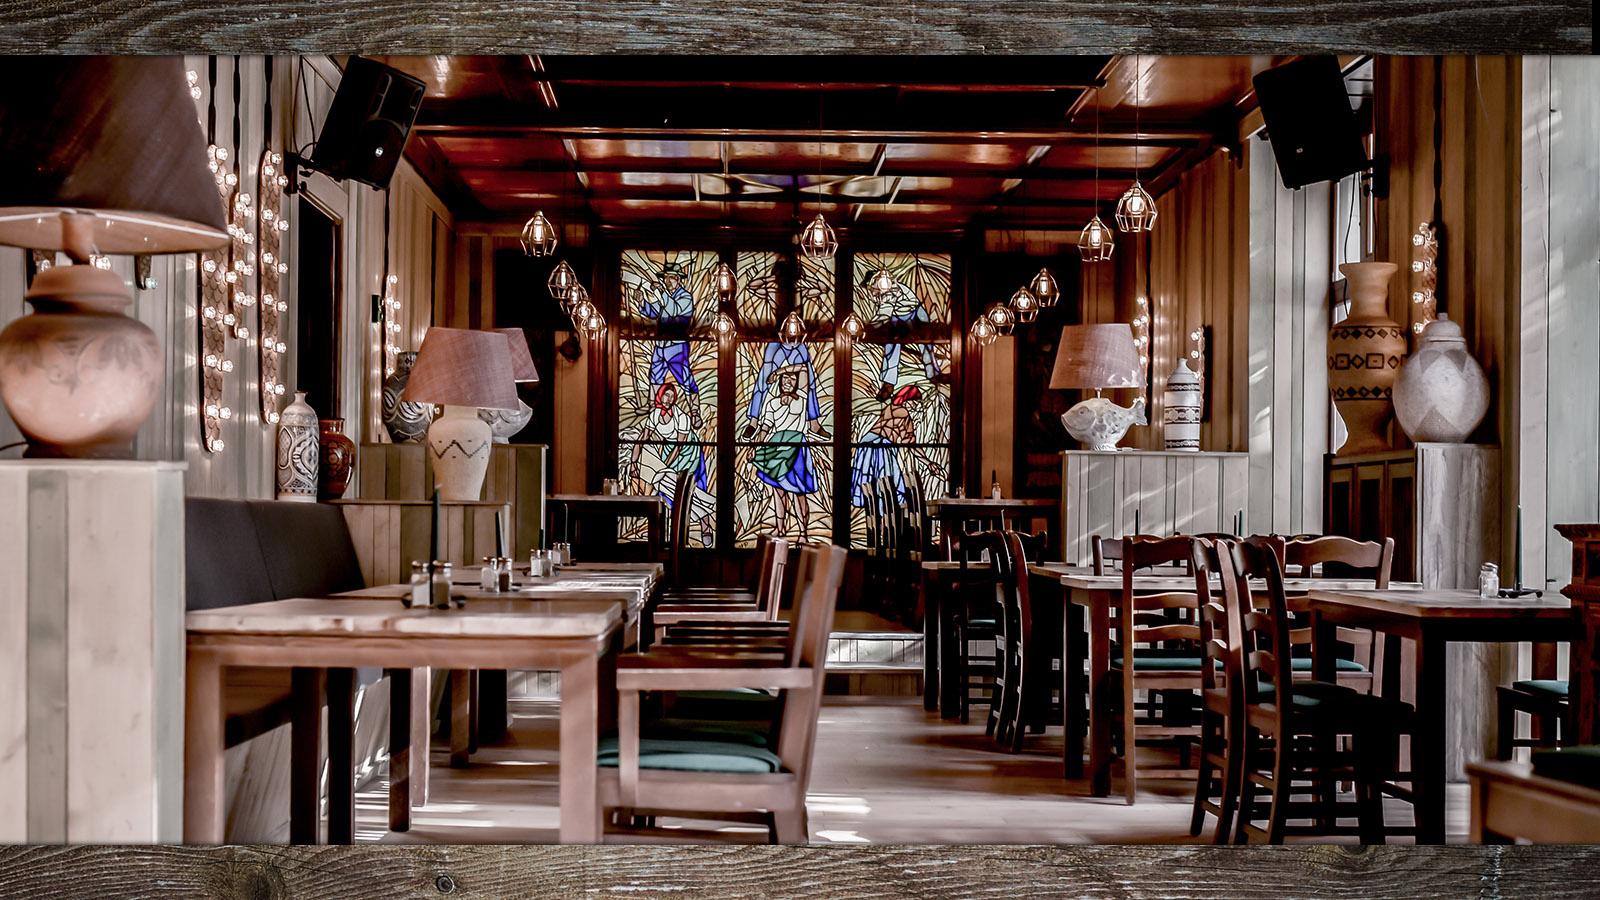 jaeger-und-lustig-berlin-gaststaette-restaurant-bierstube-biergarten-slider-1